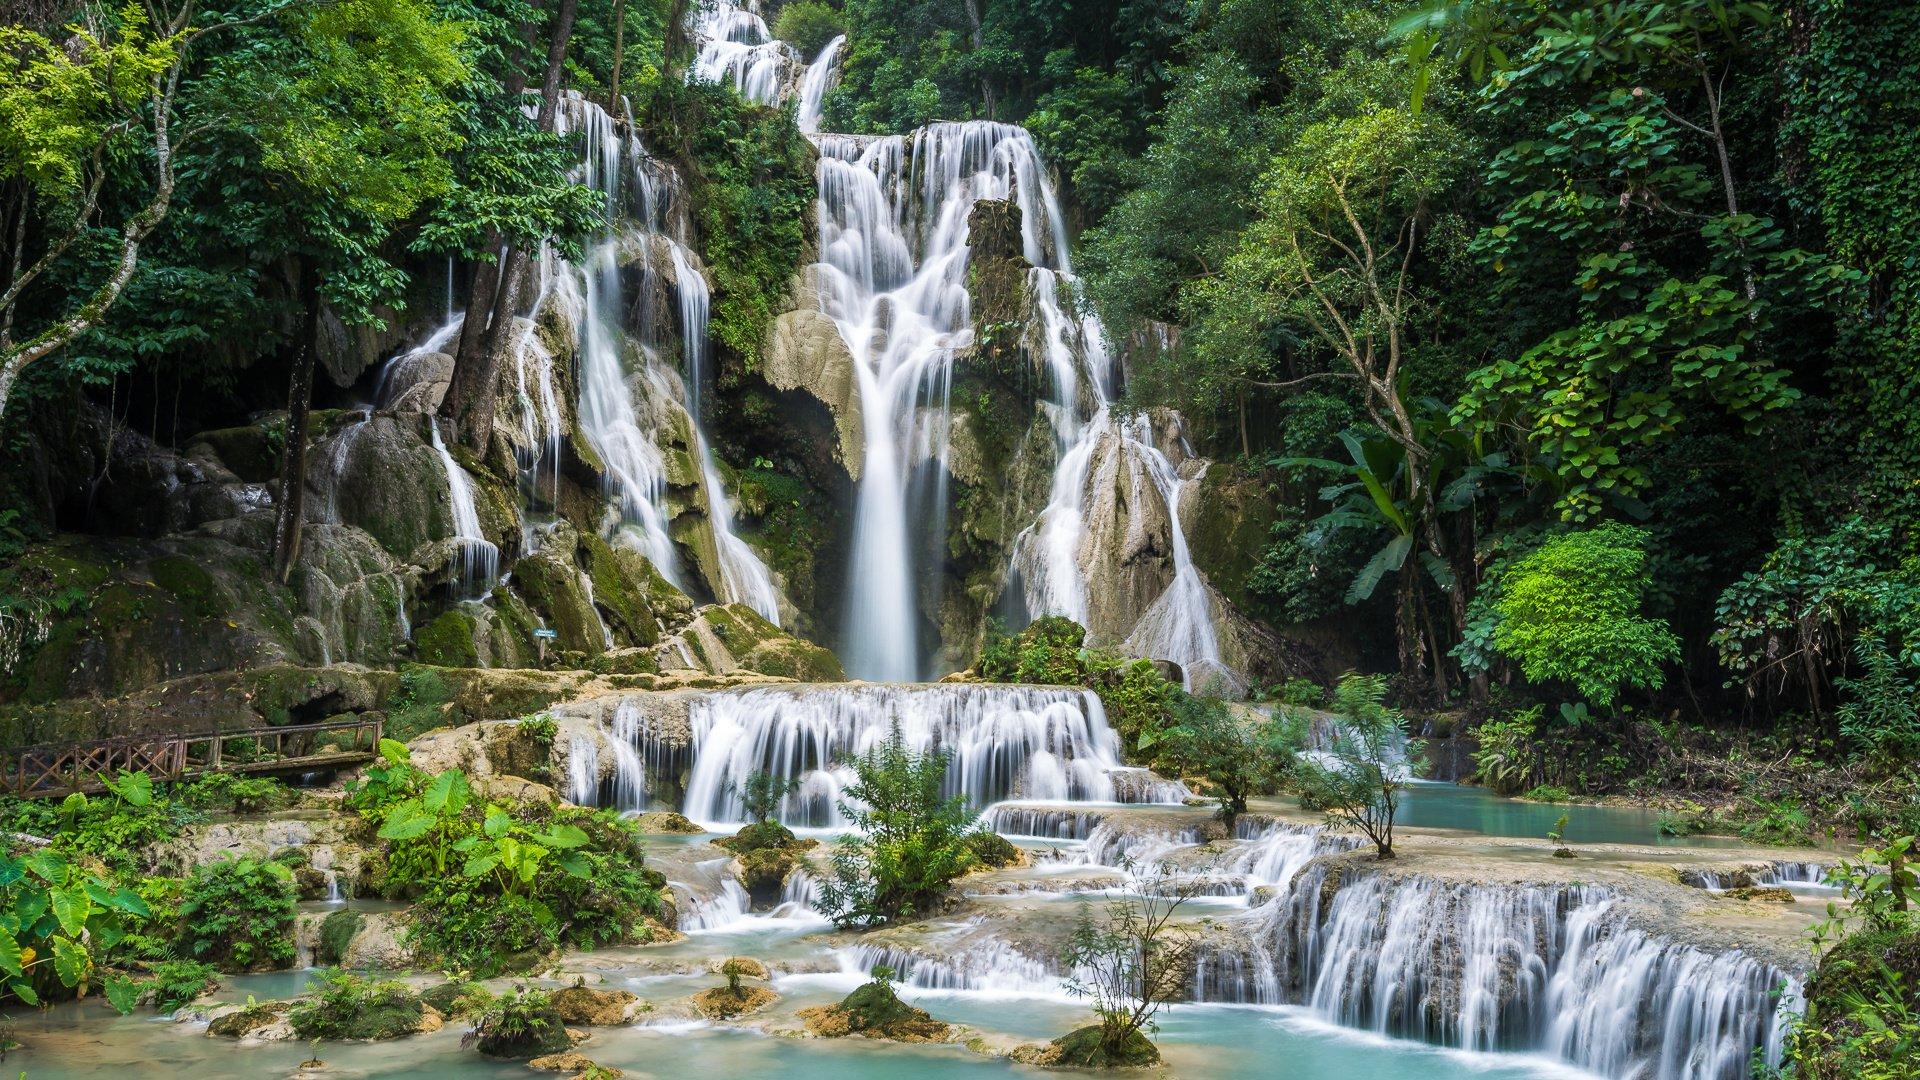 делаете блюдо природа раскраска и фото деревья водопады монополия легко